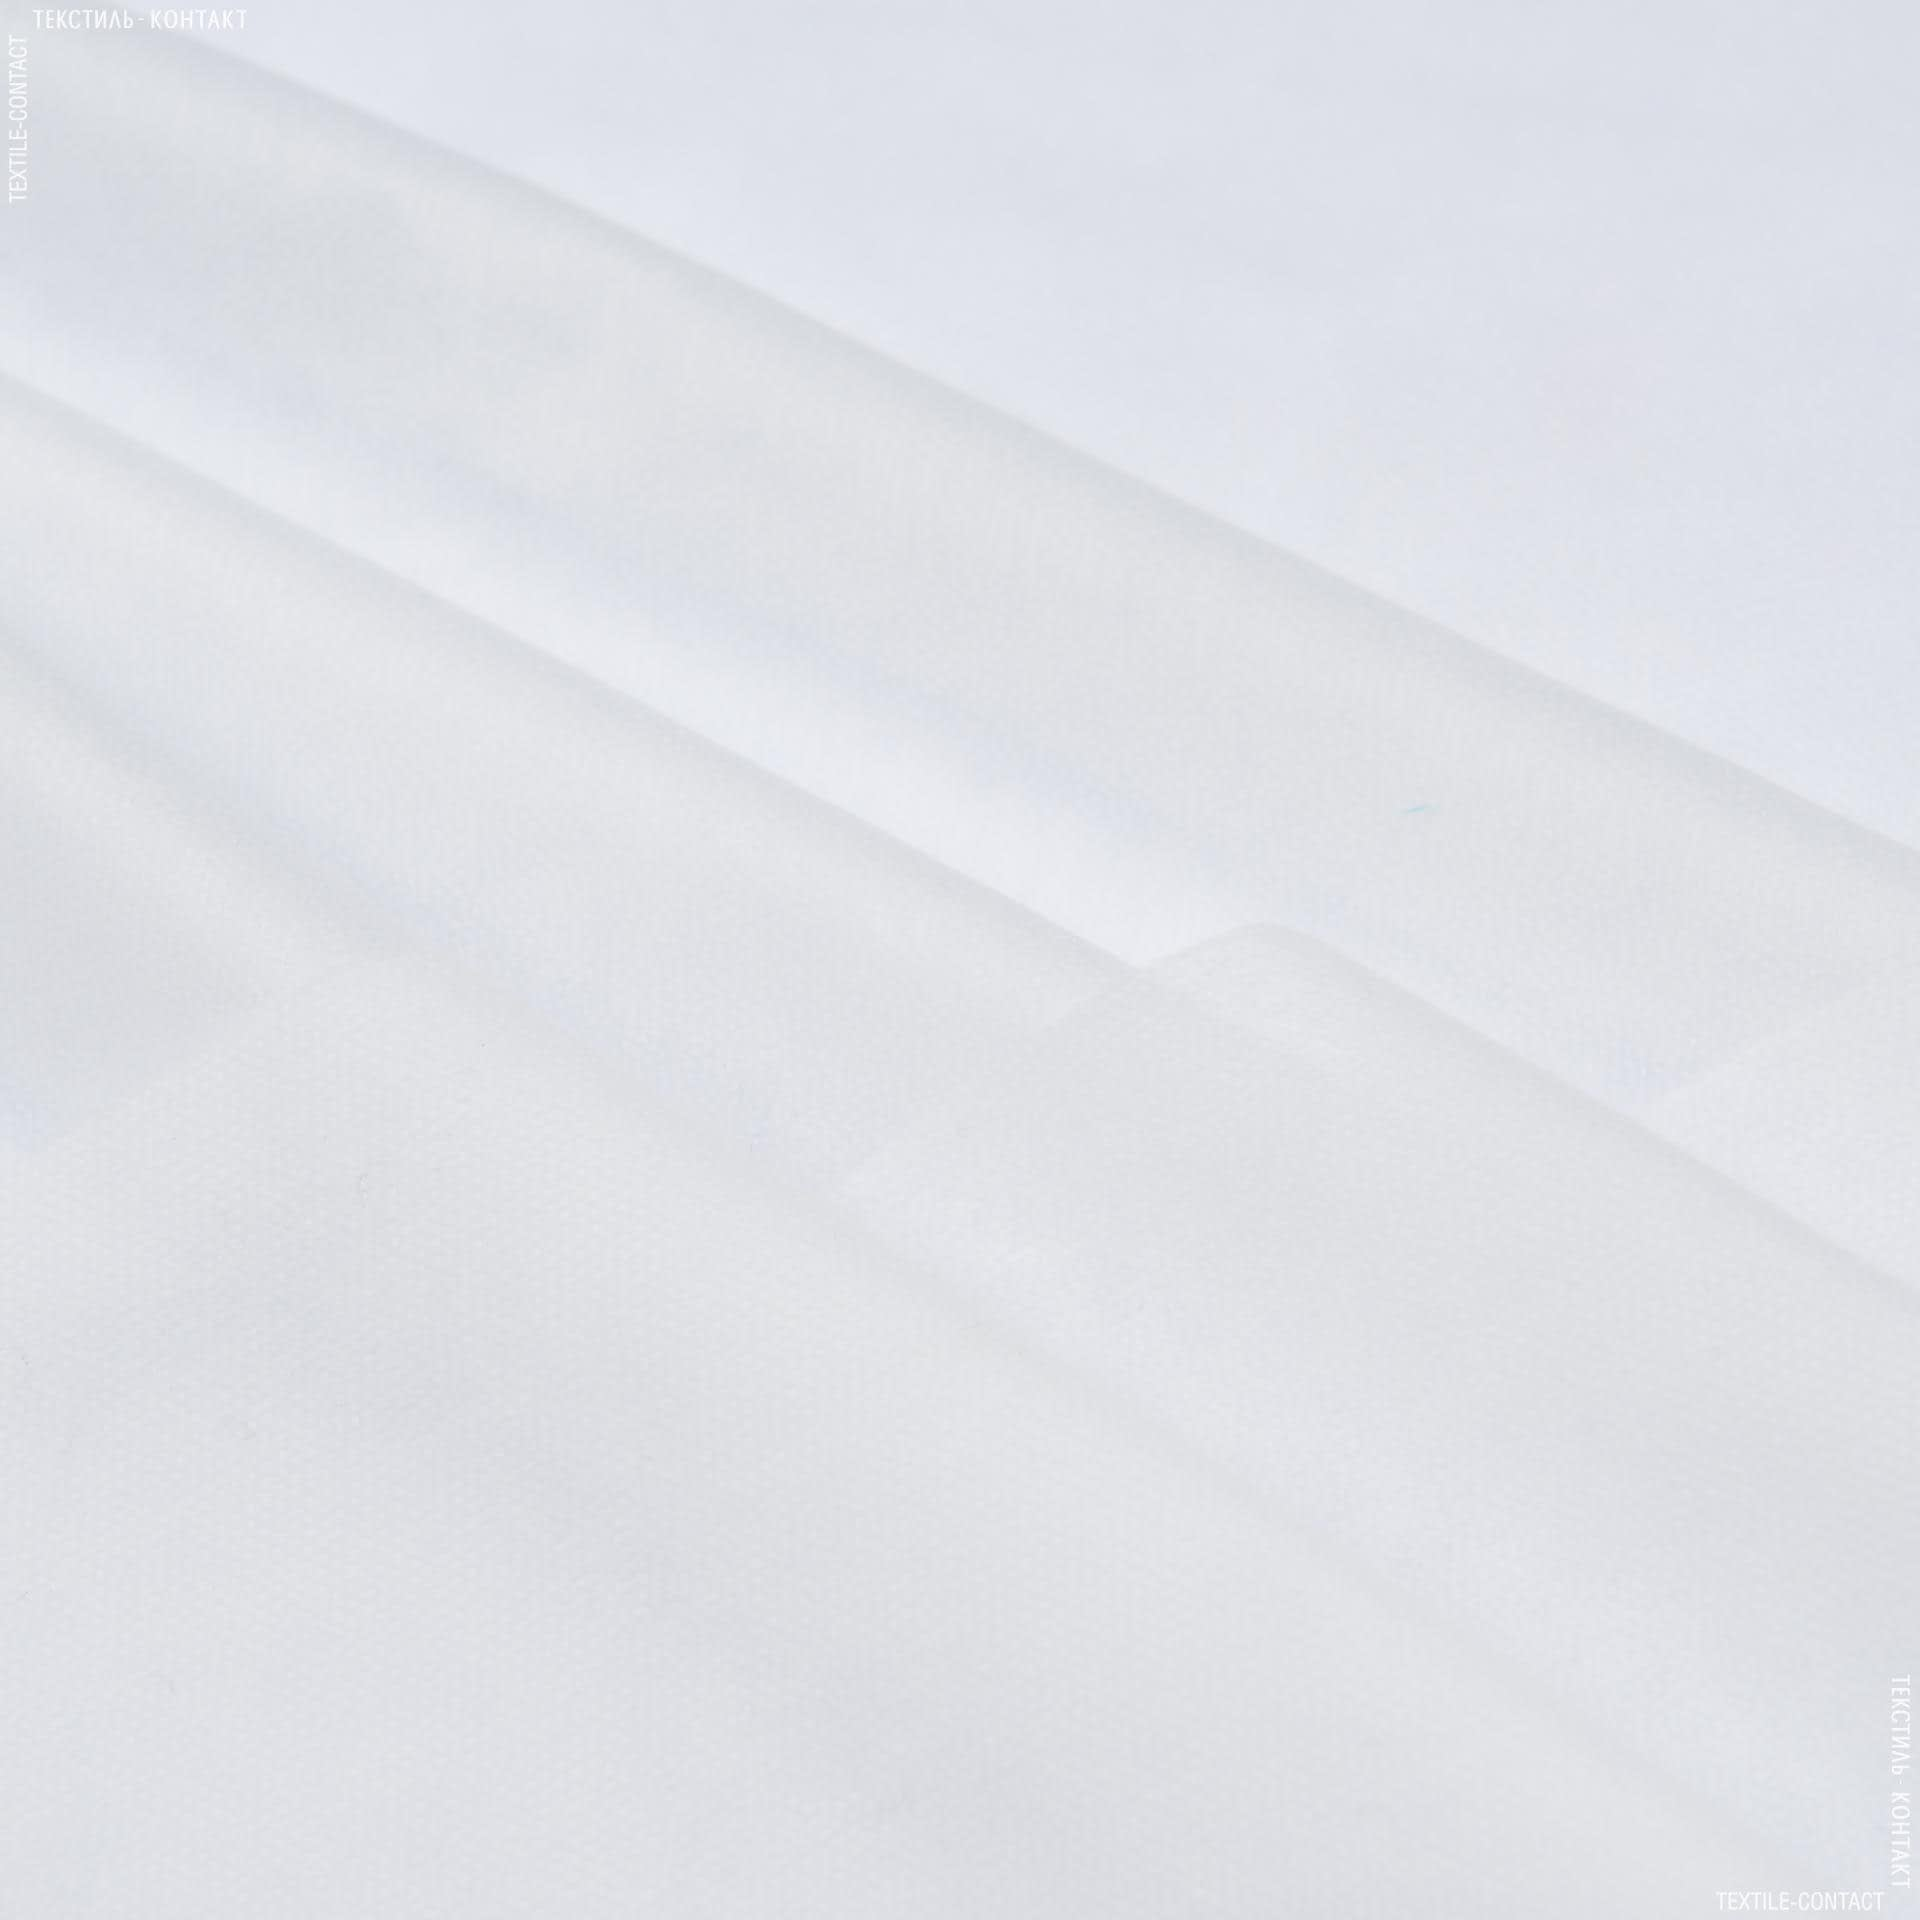 Тканини дублірин, флізелін - Флізелин клейовий точковий білий 35г/м